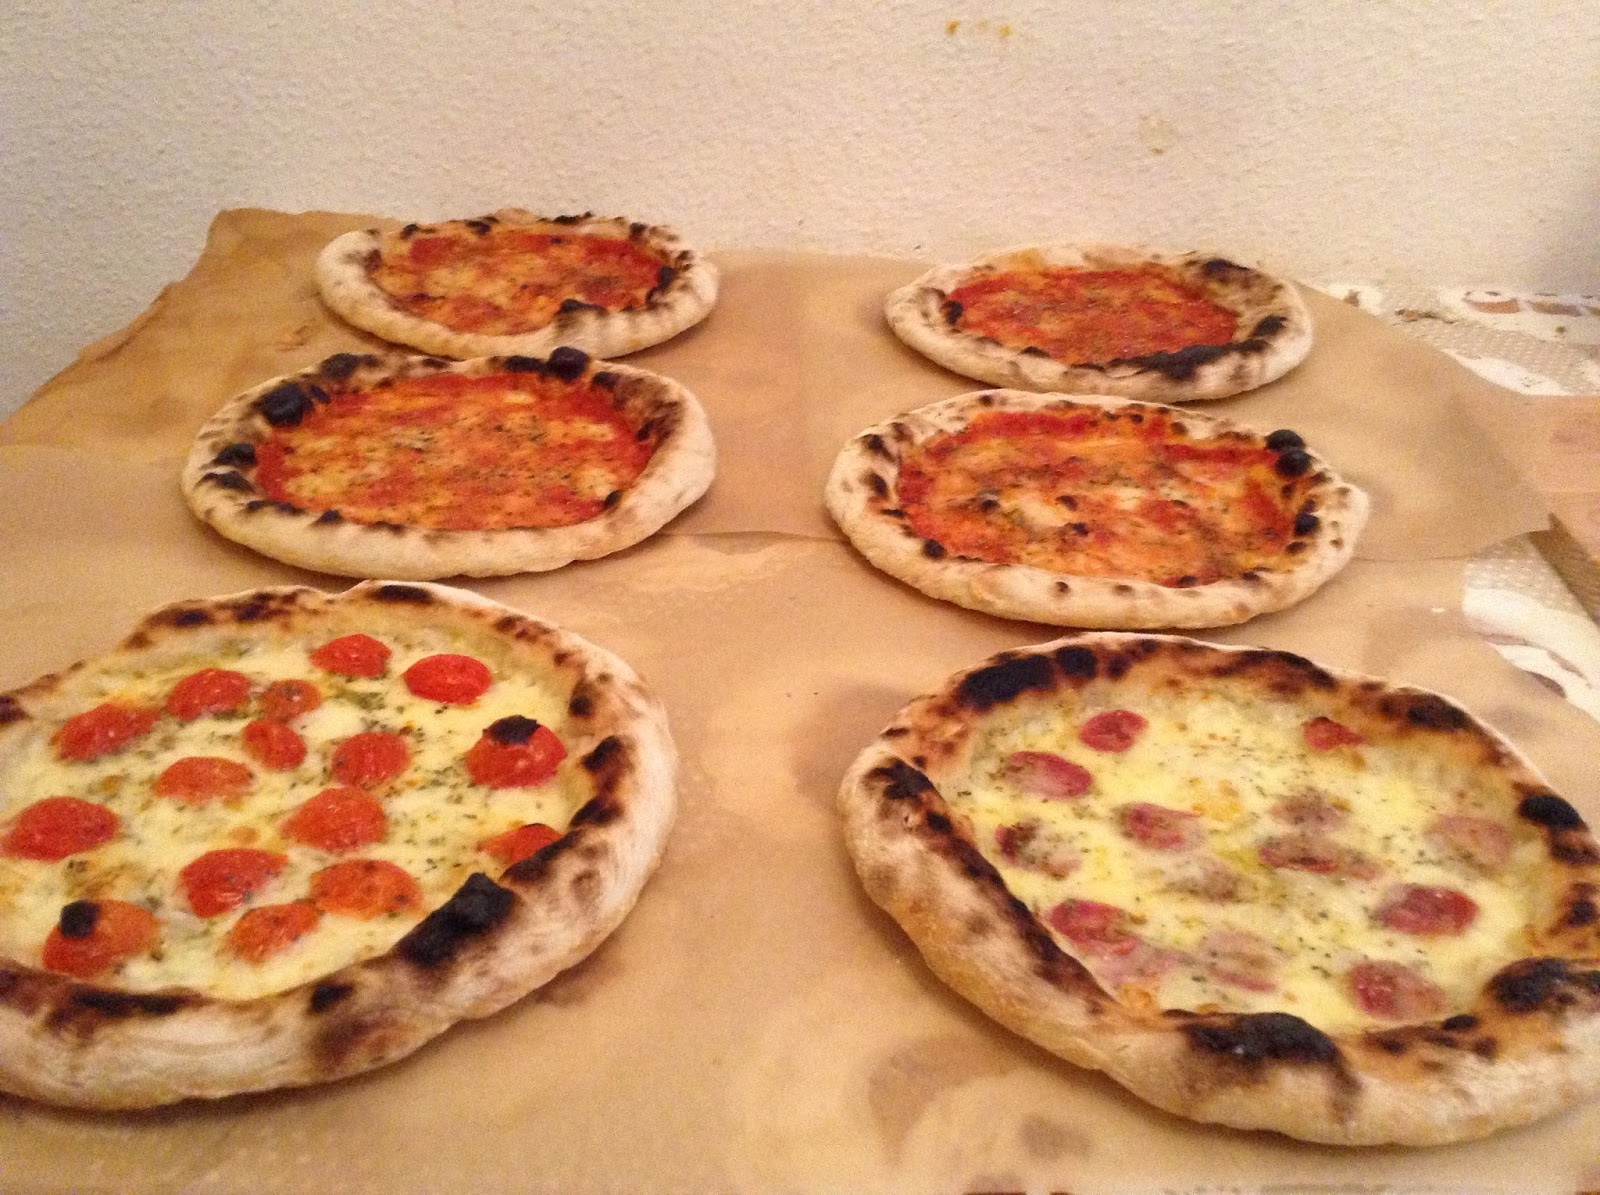 Forni elettrici per pizza da casa latest commercio nastro forno per pizze elettrico forno per - Forni per pizza elettrici per casa ...